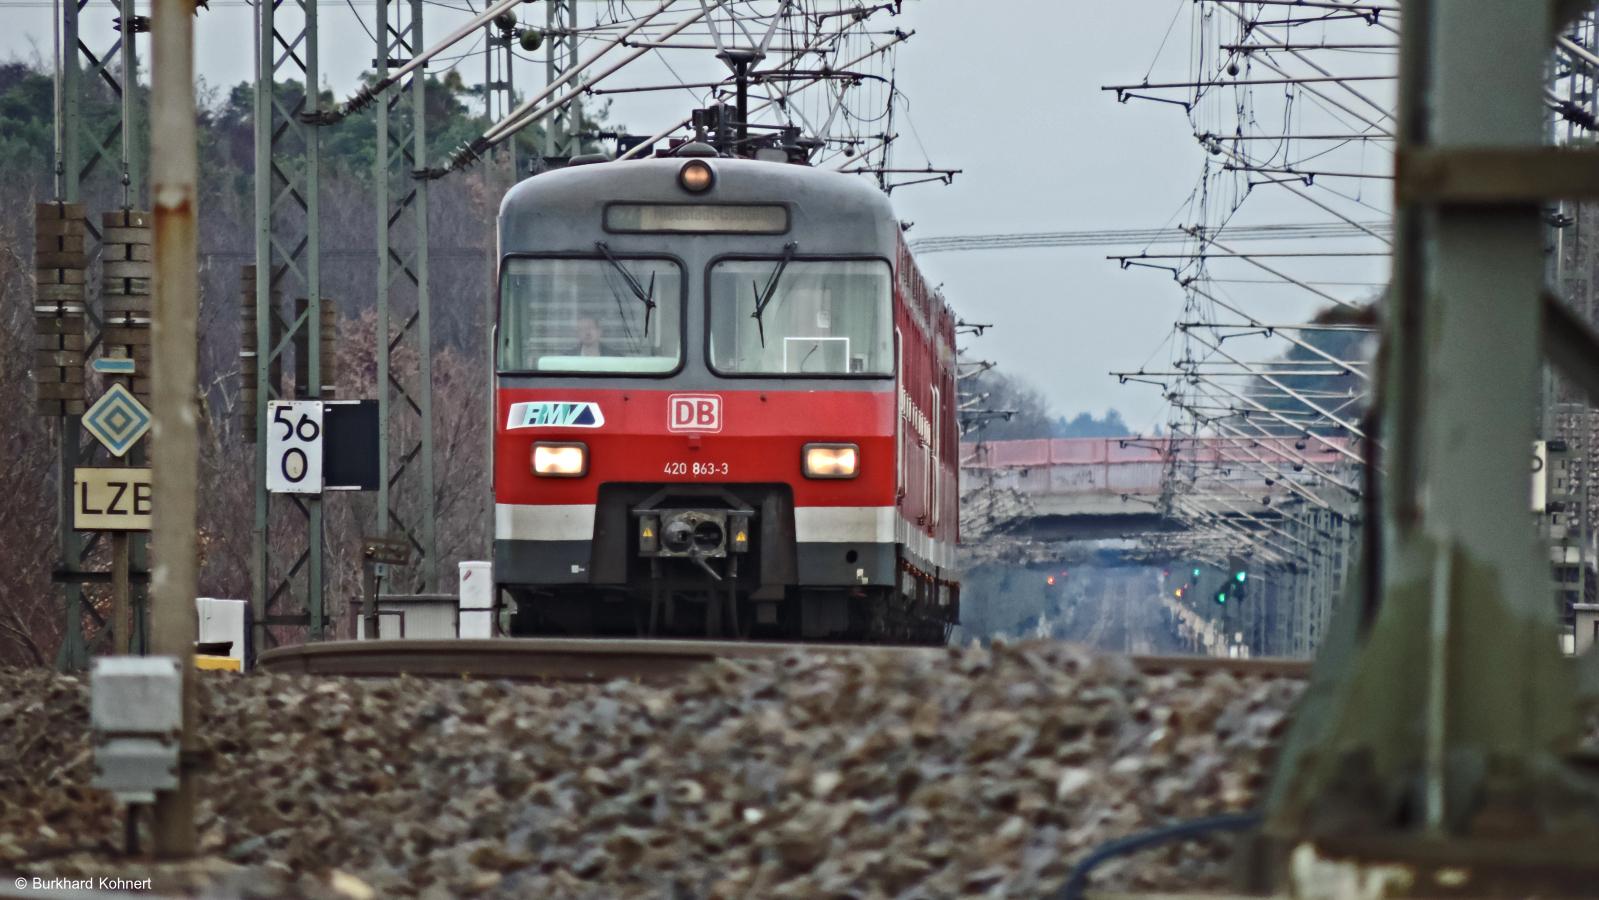 420 843-3 als S7 nach Riedstadt